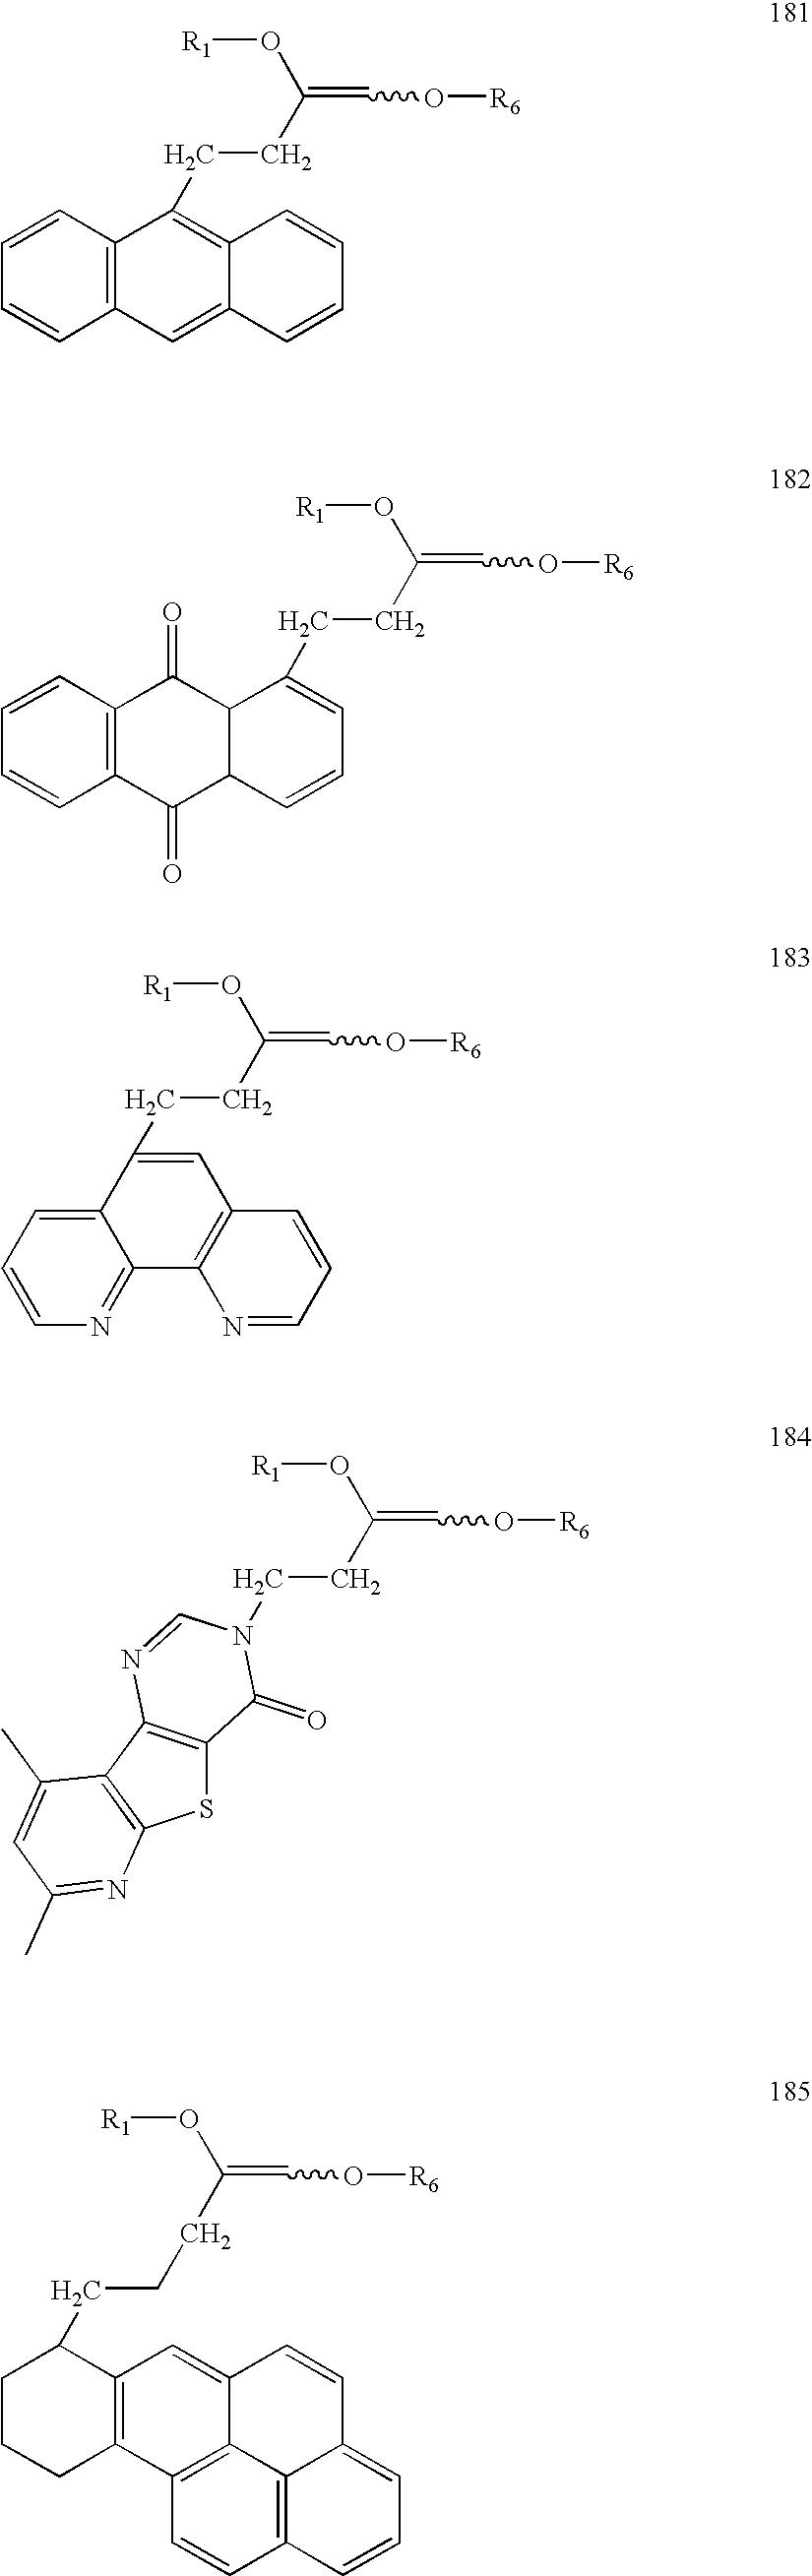 Figure US20060014144A1-20060119-C00128